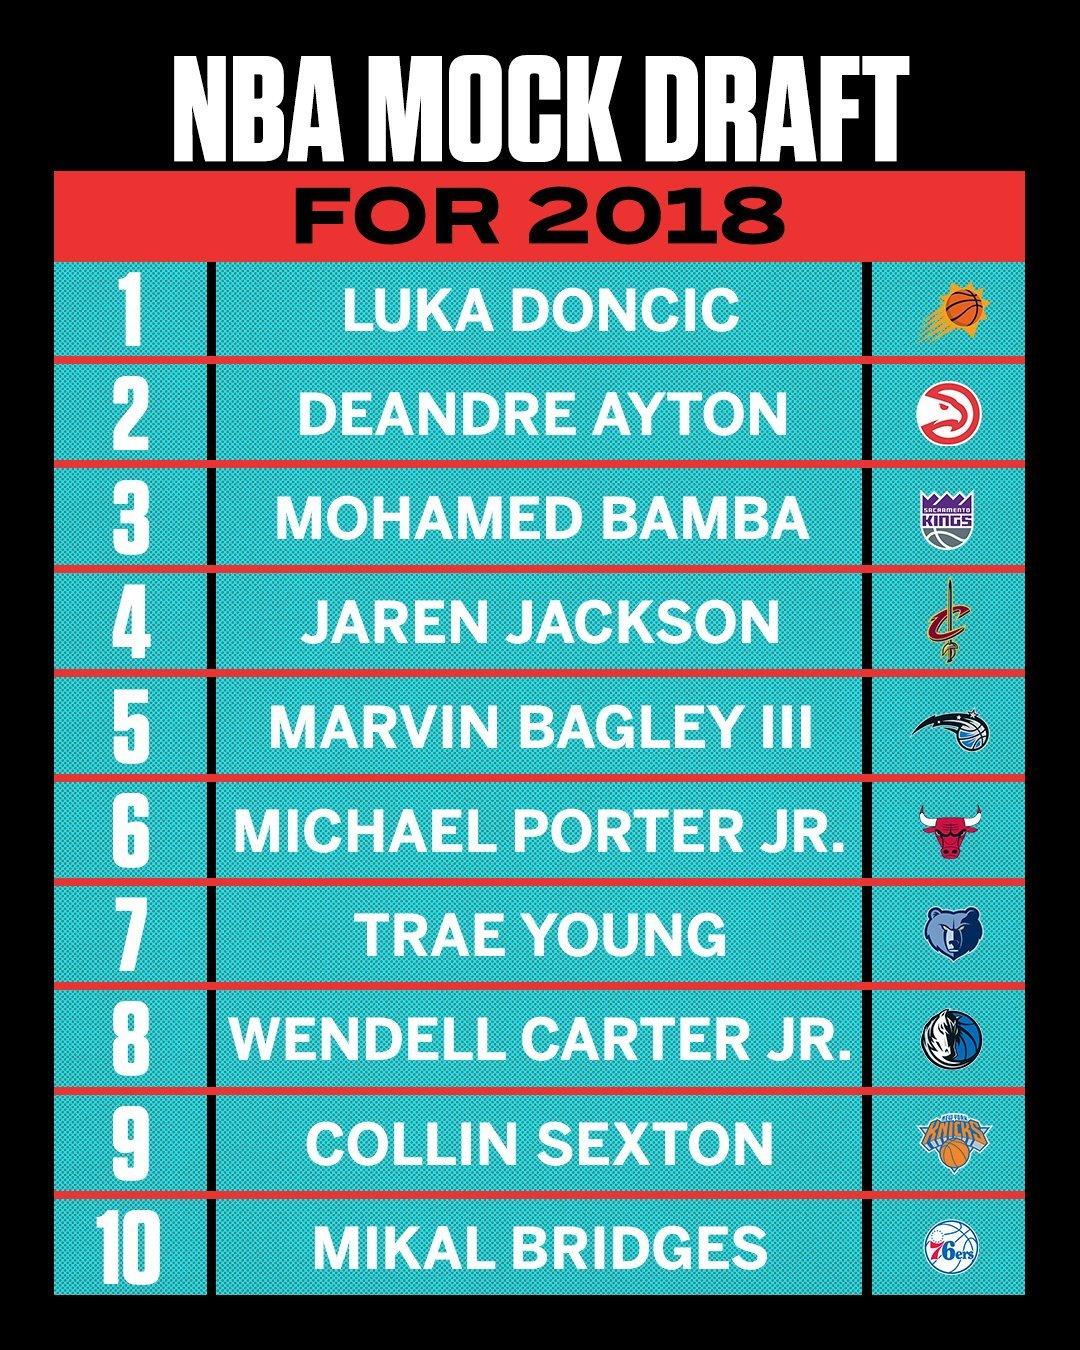 Mock Draft de enero de 2018 de la Cadena ESPN